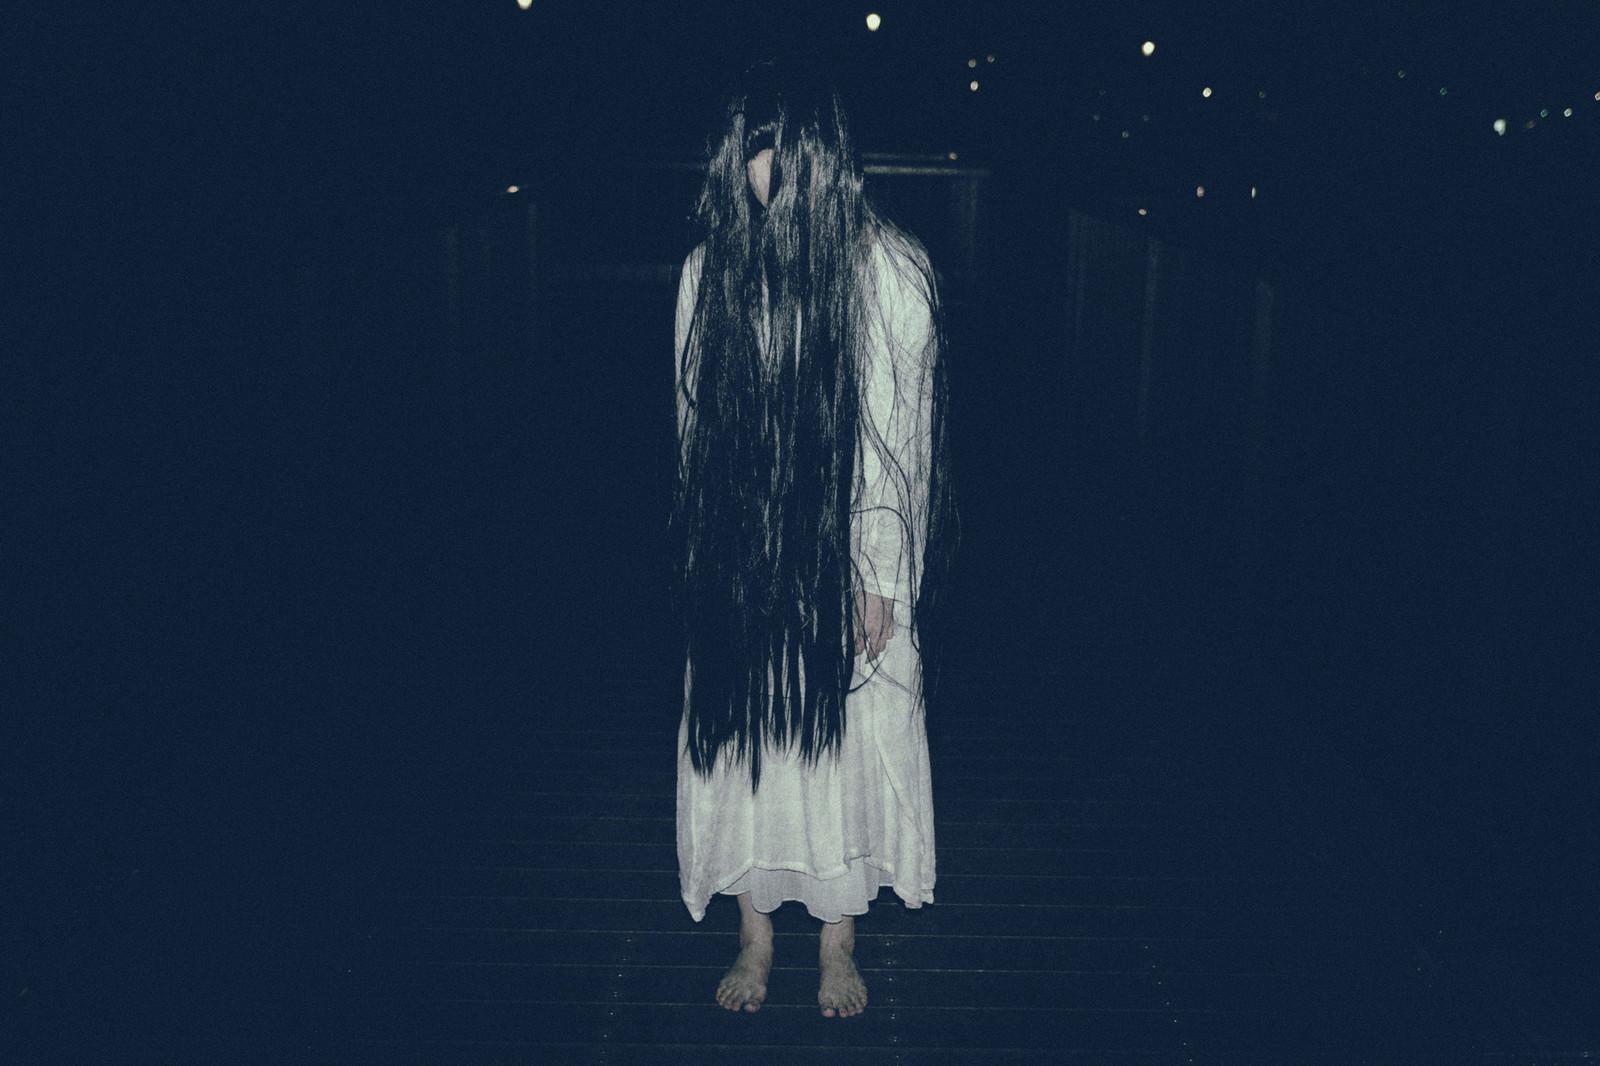 「真夜中に裸足で徘徊する女性」の写真[モデル:緋真煉]